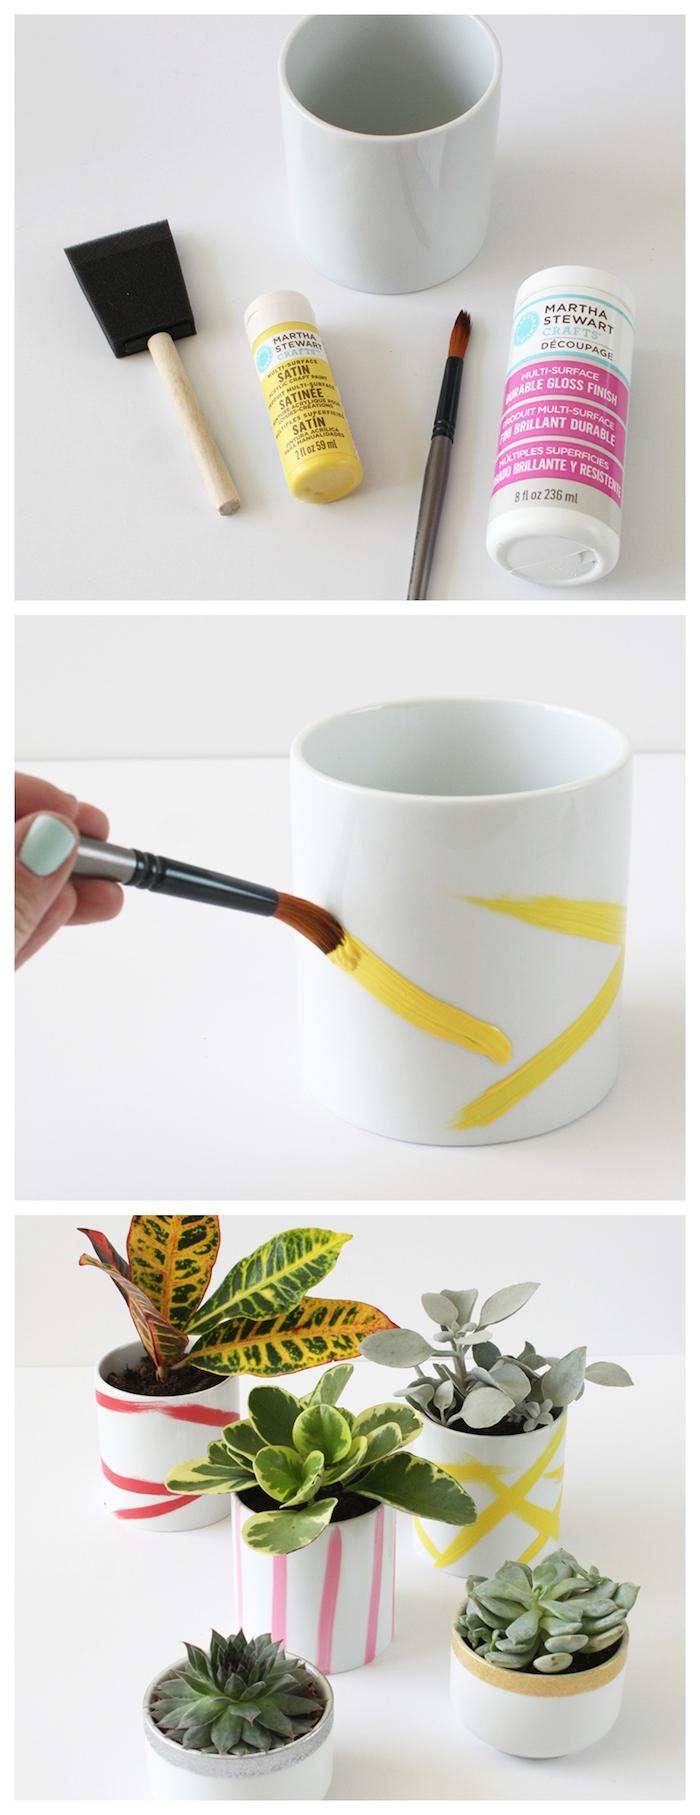 deco pot de fleur a faire soi meme, idée comment peindre des pots de fleurs en terre cuite avec traits de peinture acrylique